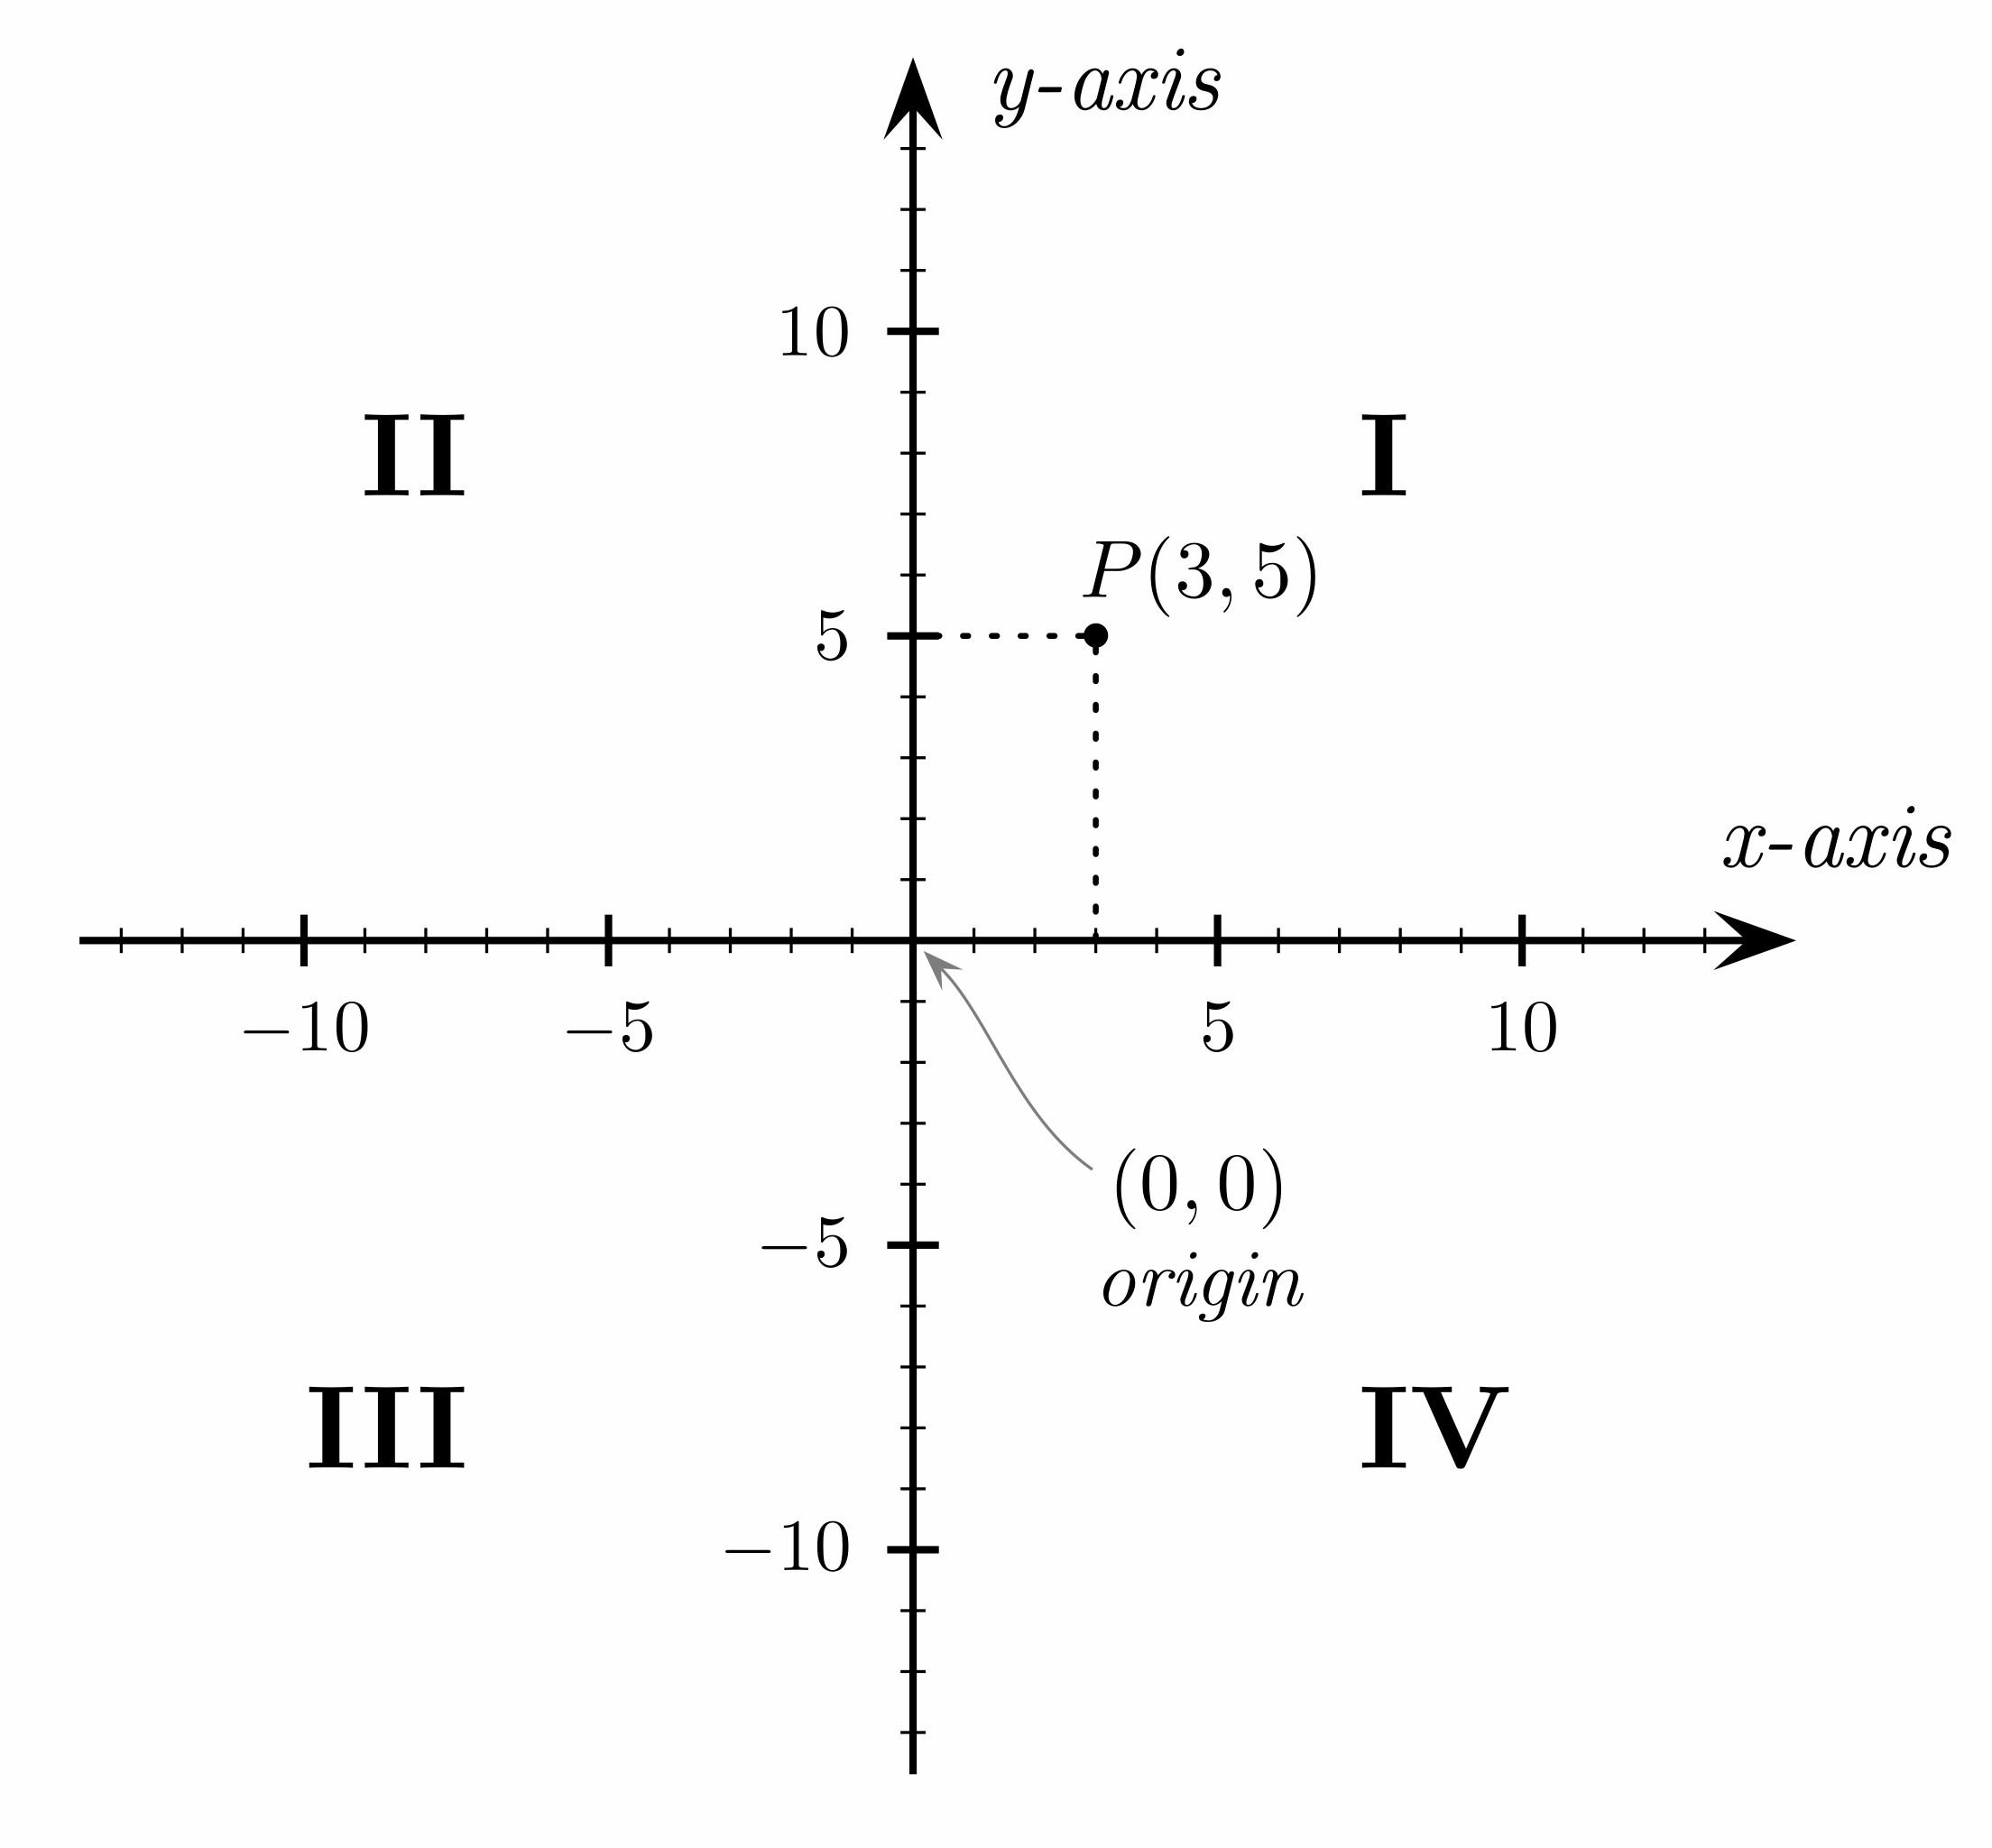 Sistem Koordinat Kartesius. Sumber gambar: wikimedia.org